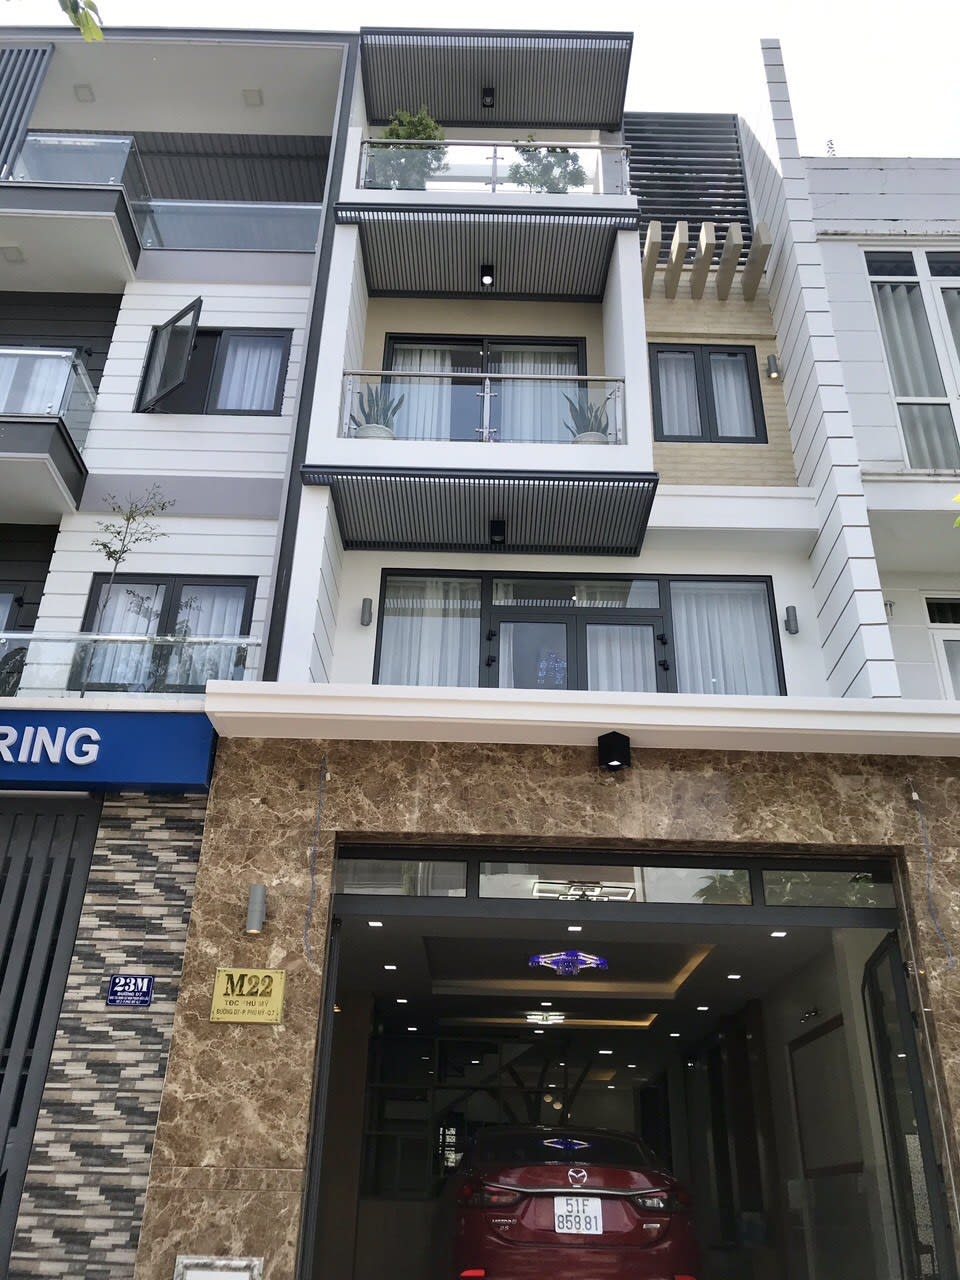 Bán nhà phố khu Tái định cư Phú Mỹ quận 7 5x18m 4 tầng full nội thất, giá 9.9 tỷ